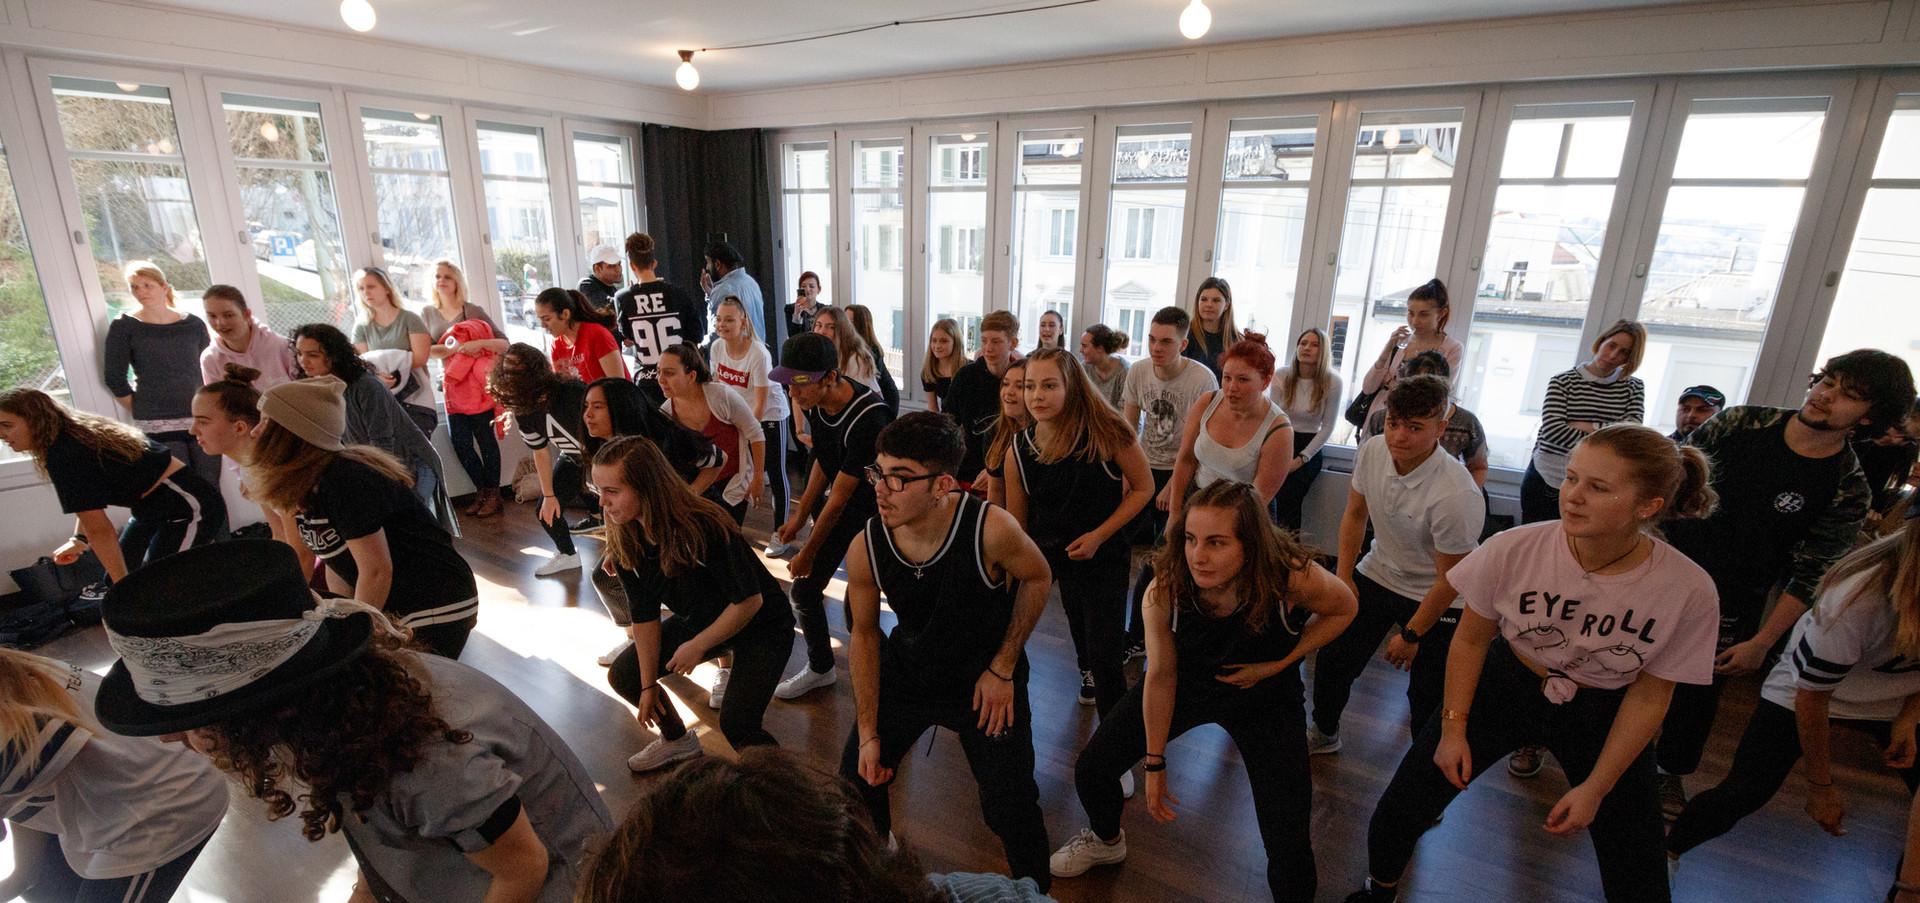 Bewegungs- & Tanzschule East Attitude